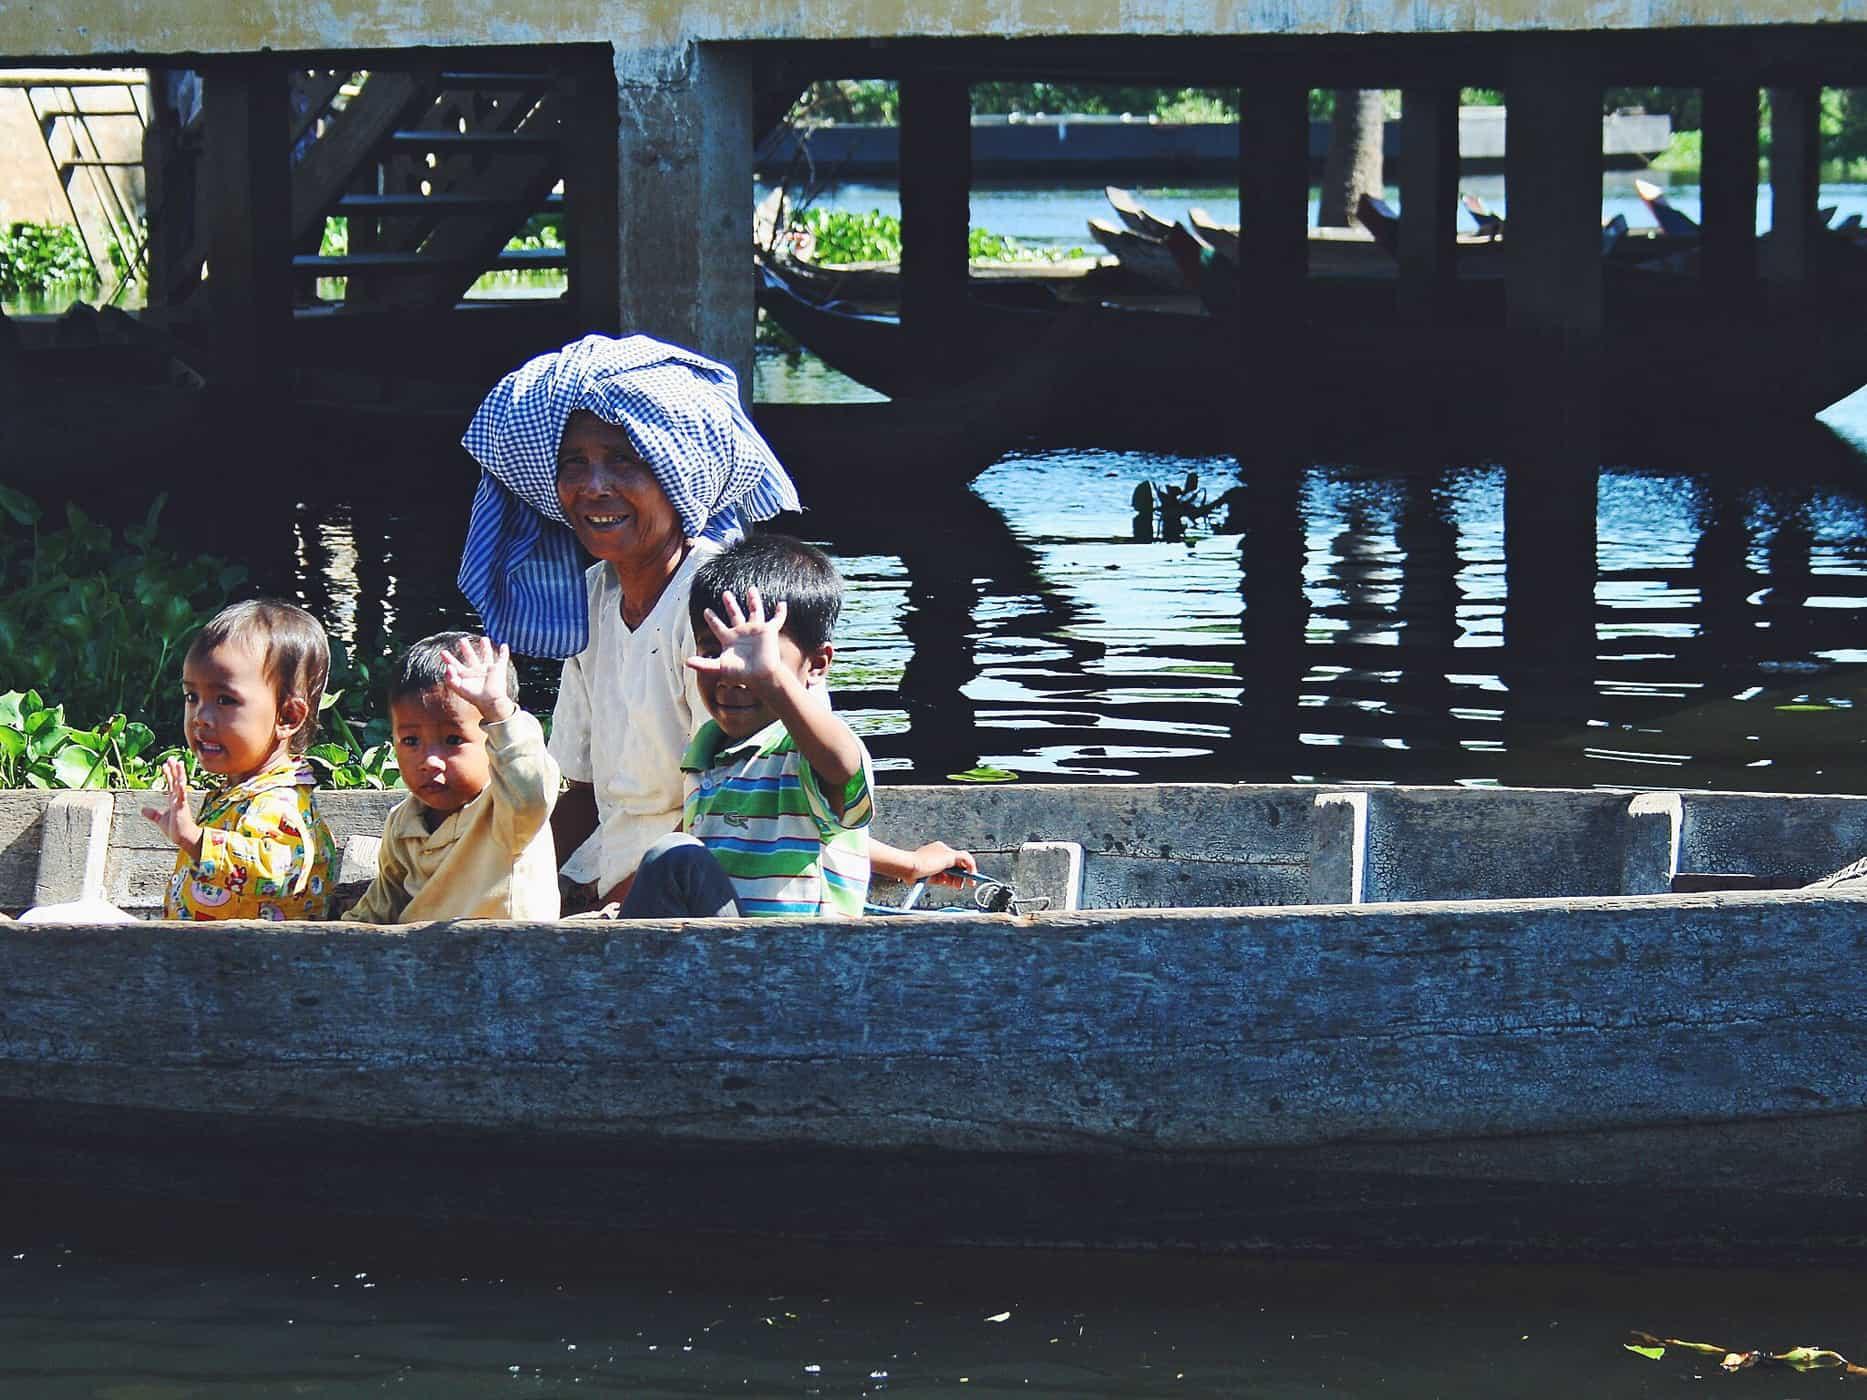 Daily life on the Tonlé Sap, Siem Reap.